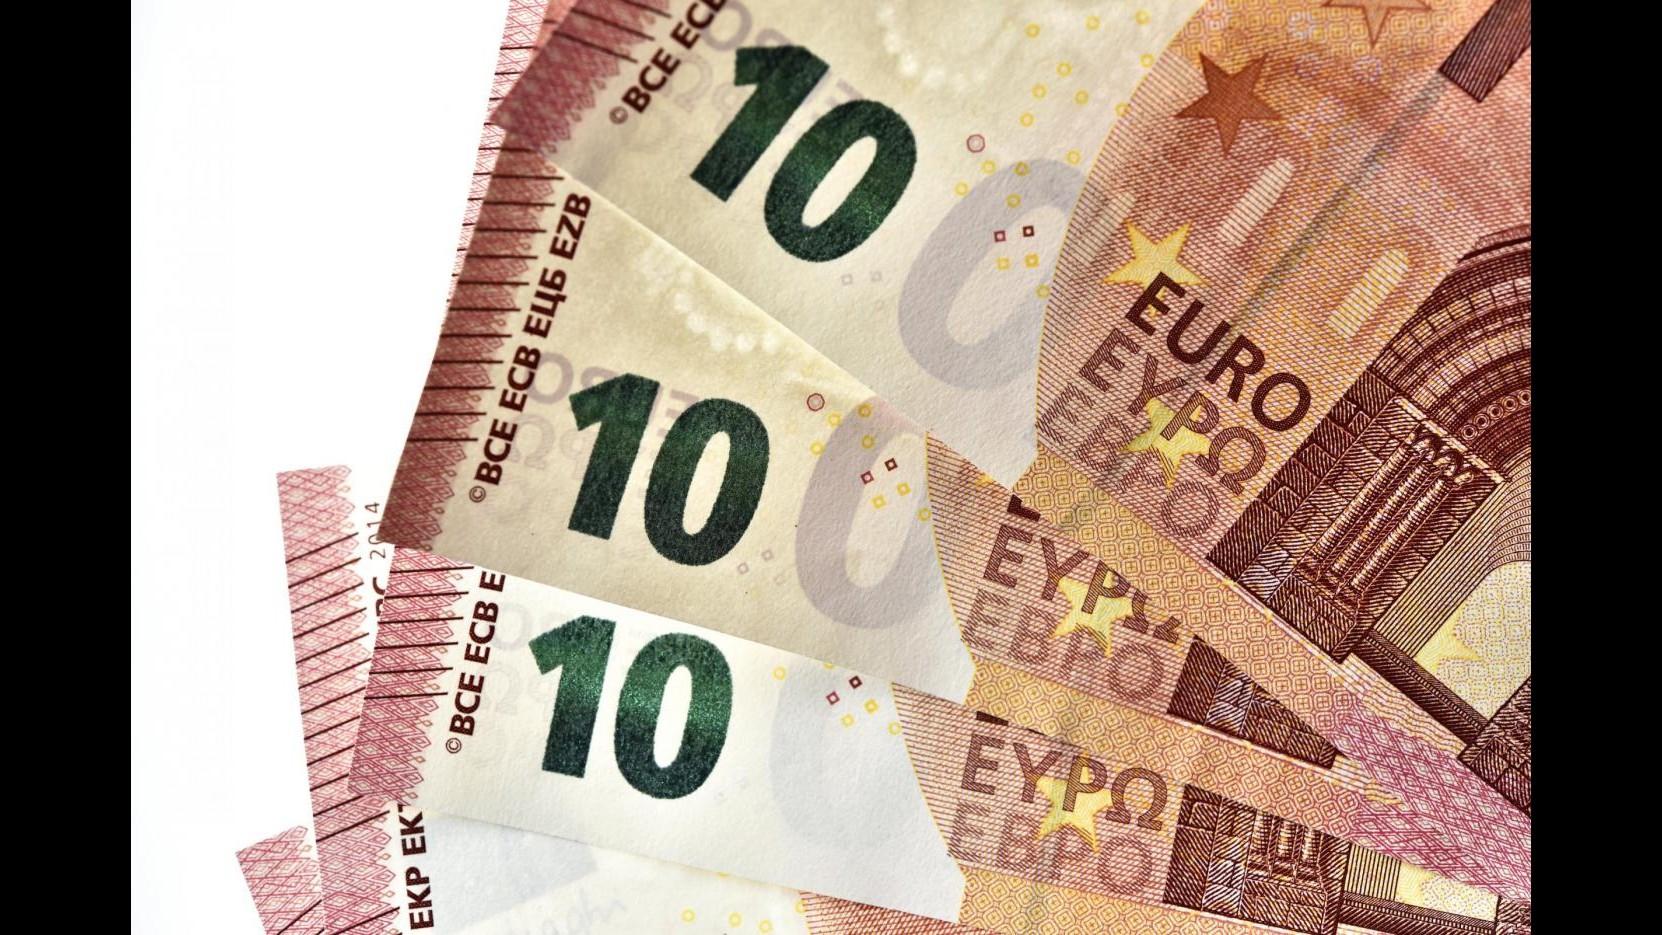 L.stabilità, Lunaria: Siamo critici, servono più investimenti pubblici